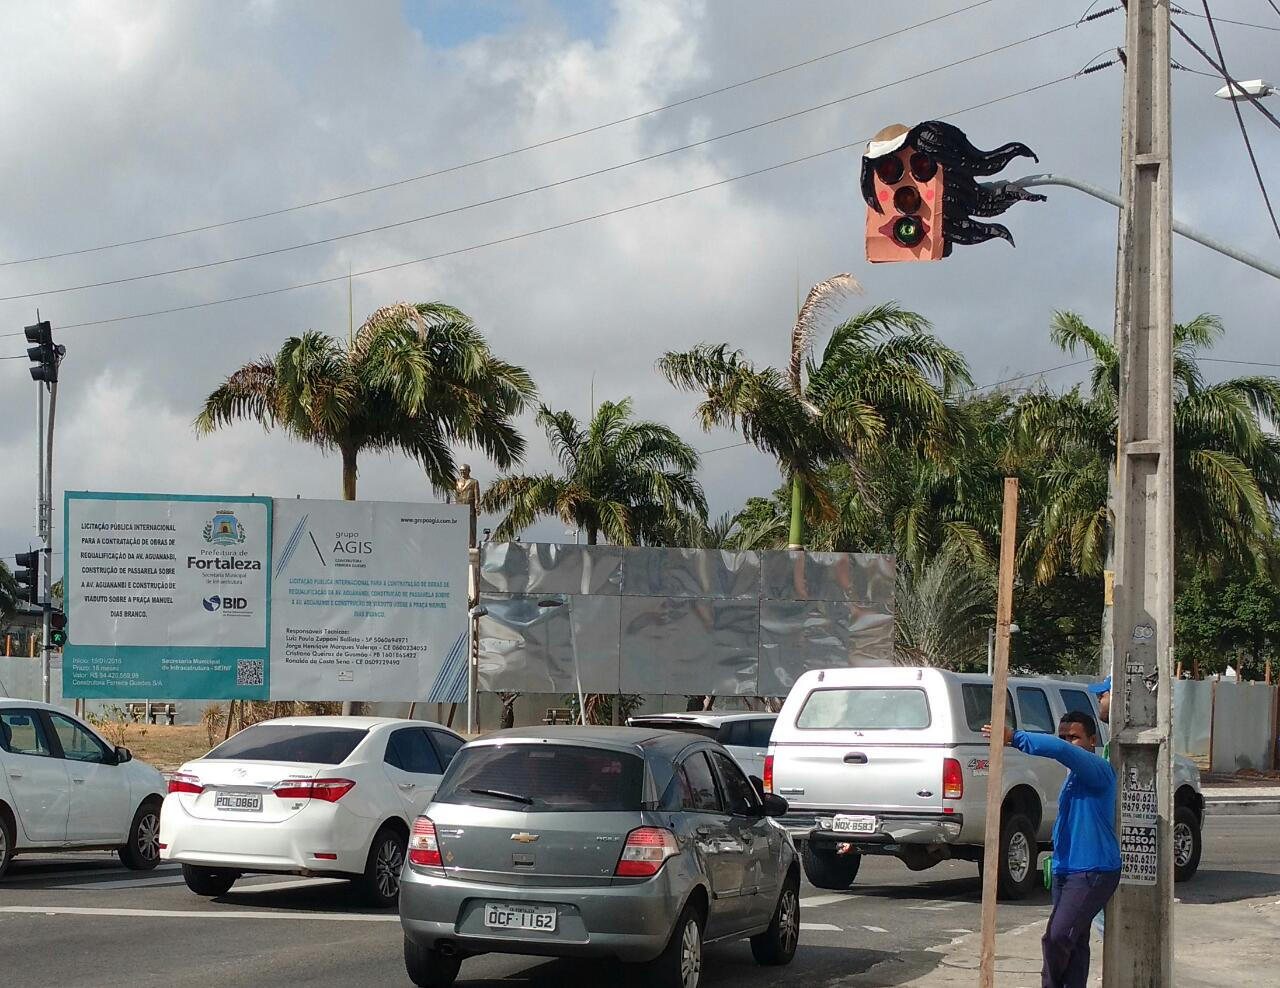 Semáforos com formas engraçadas chamam atenção de motoristas